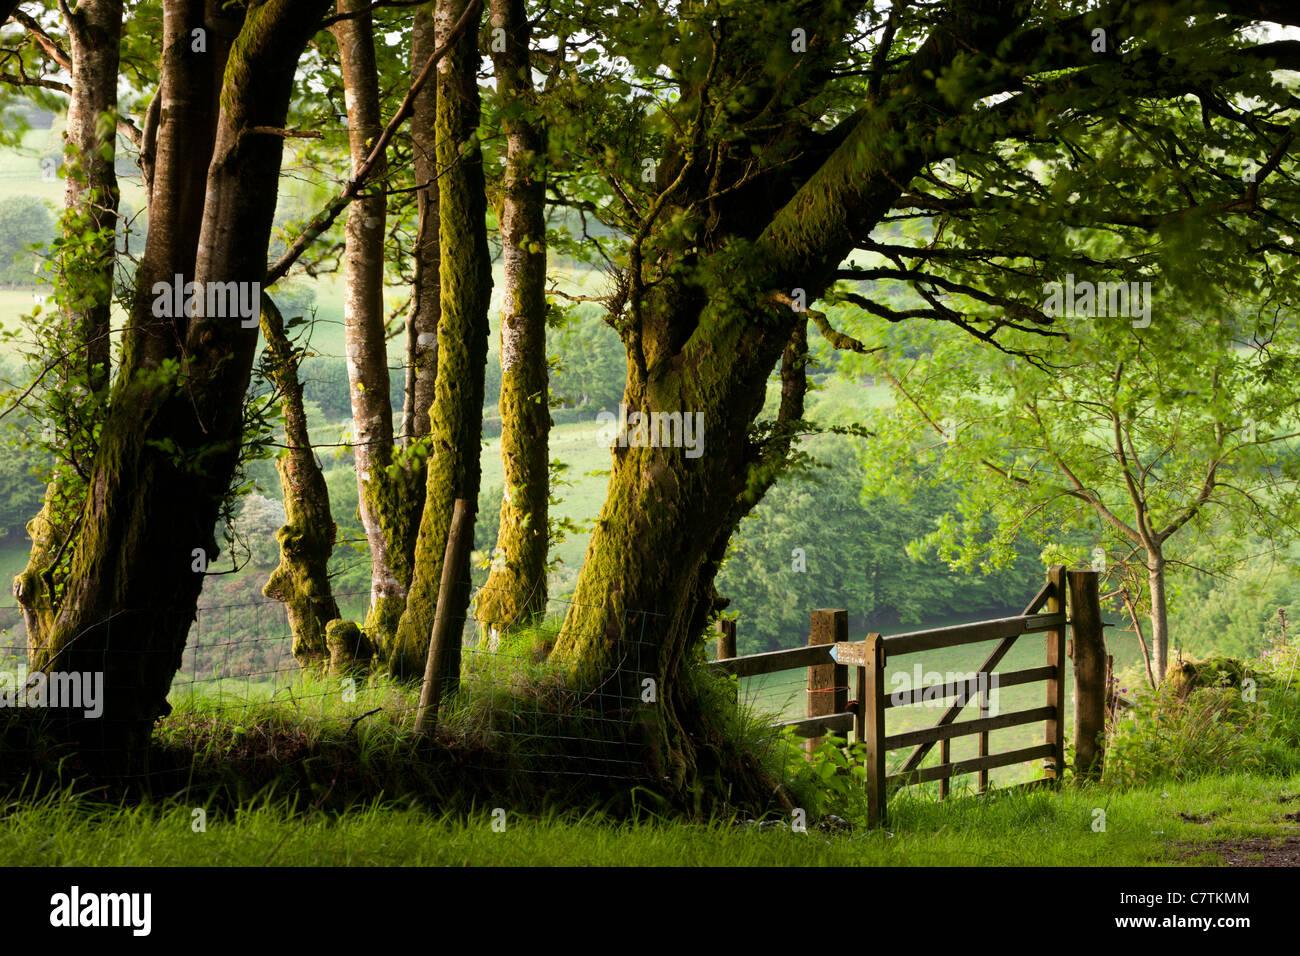 Bridleway public à travers les arbres et la Campagne, Parc National d'Exmoor, Somerset, Angleterre. Printemps Photo Stock